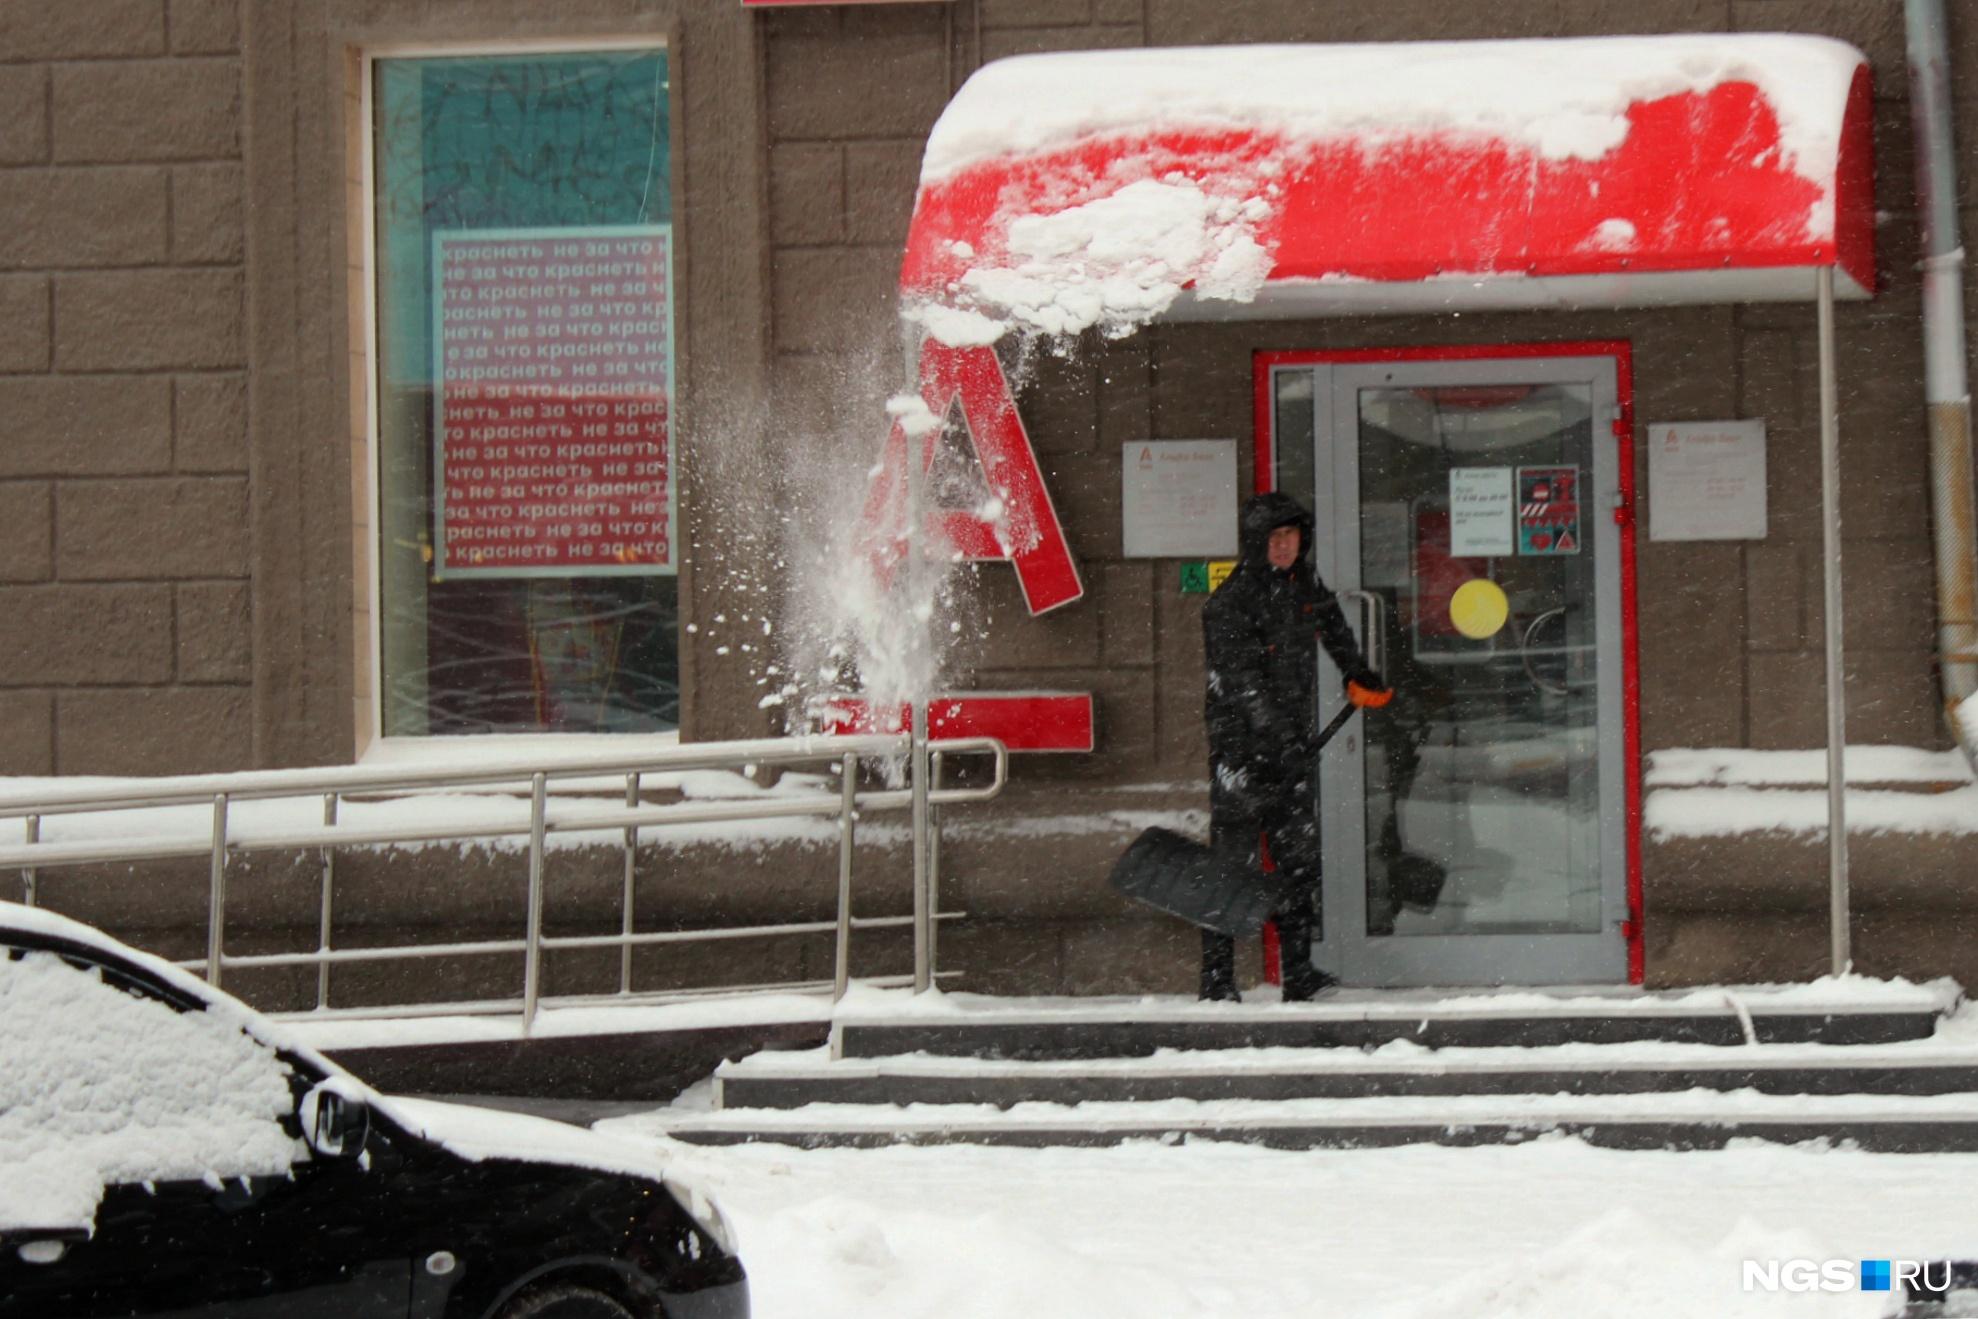 Работник чистит крыльцо и козырек отделения банка